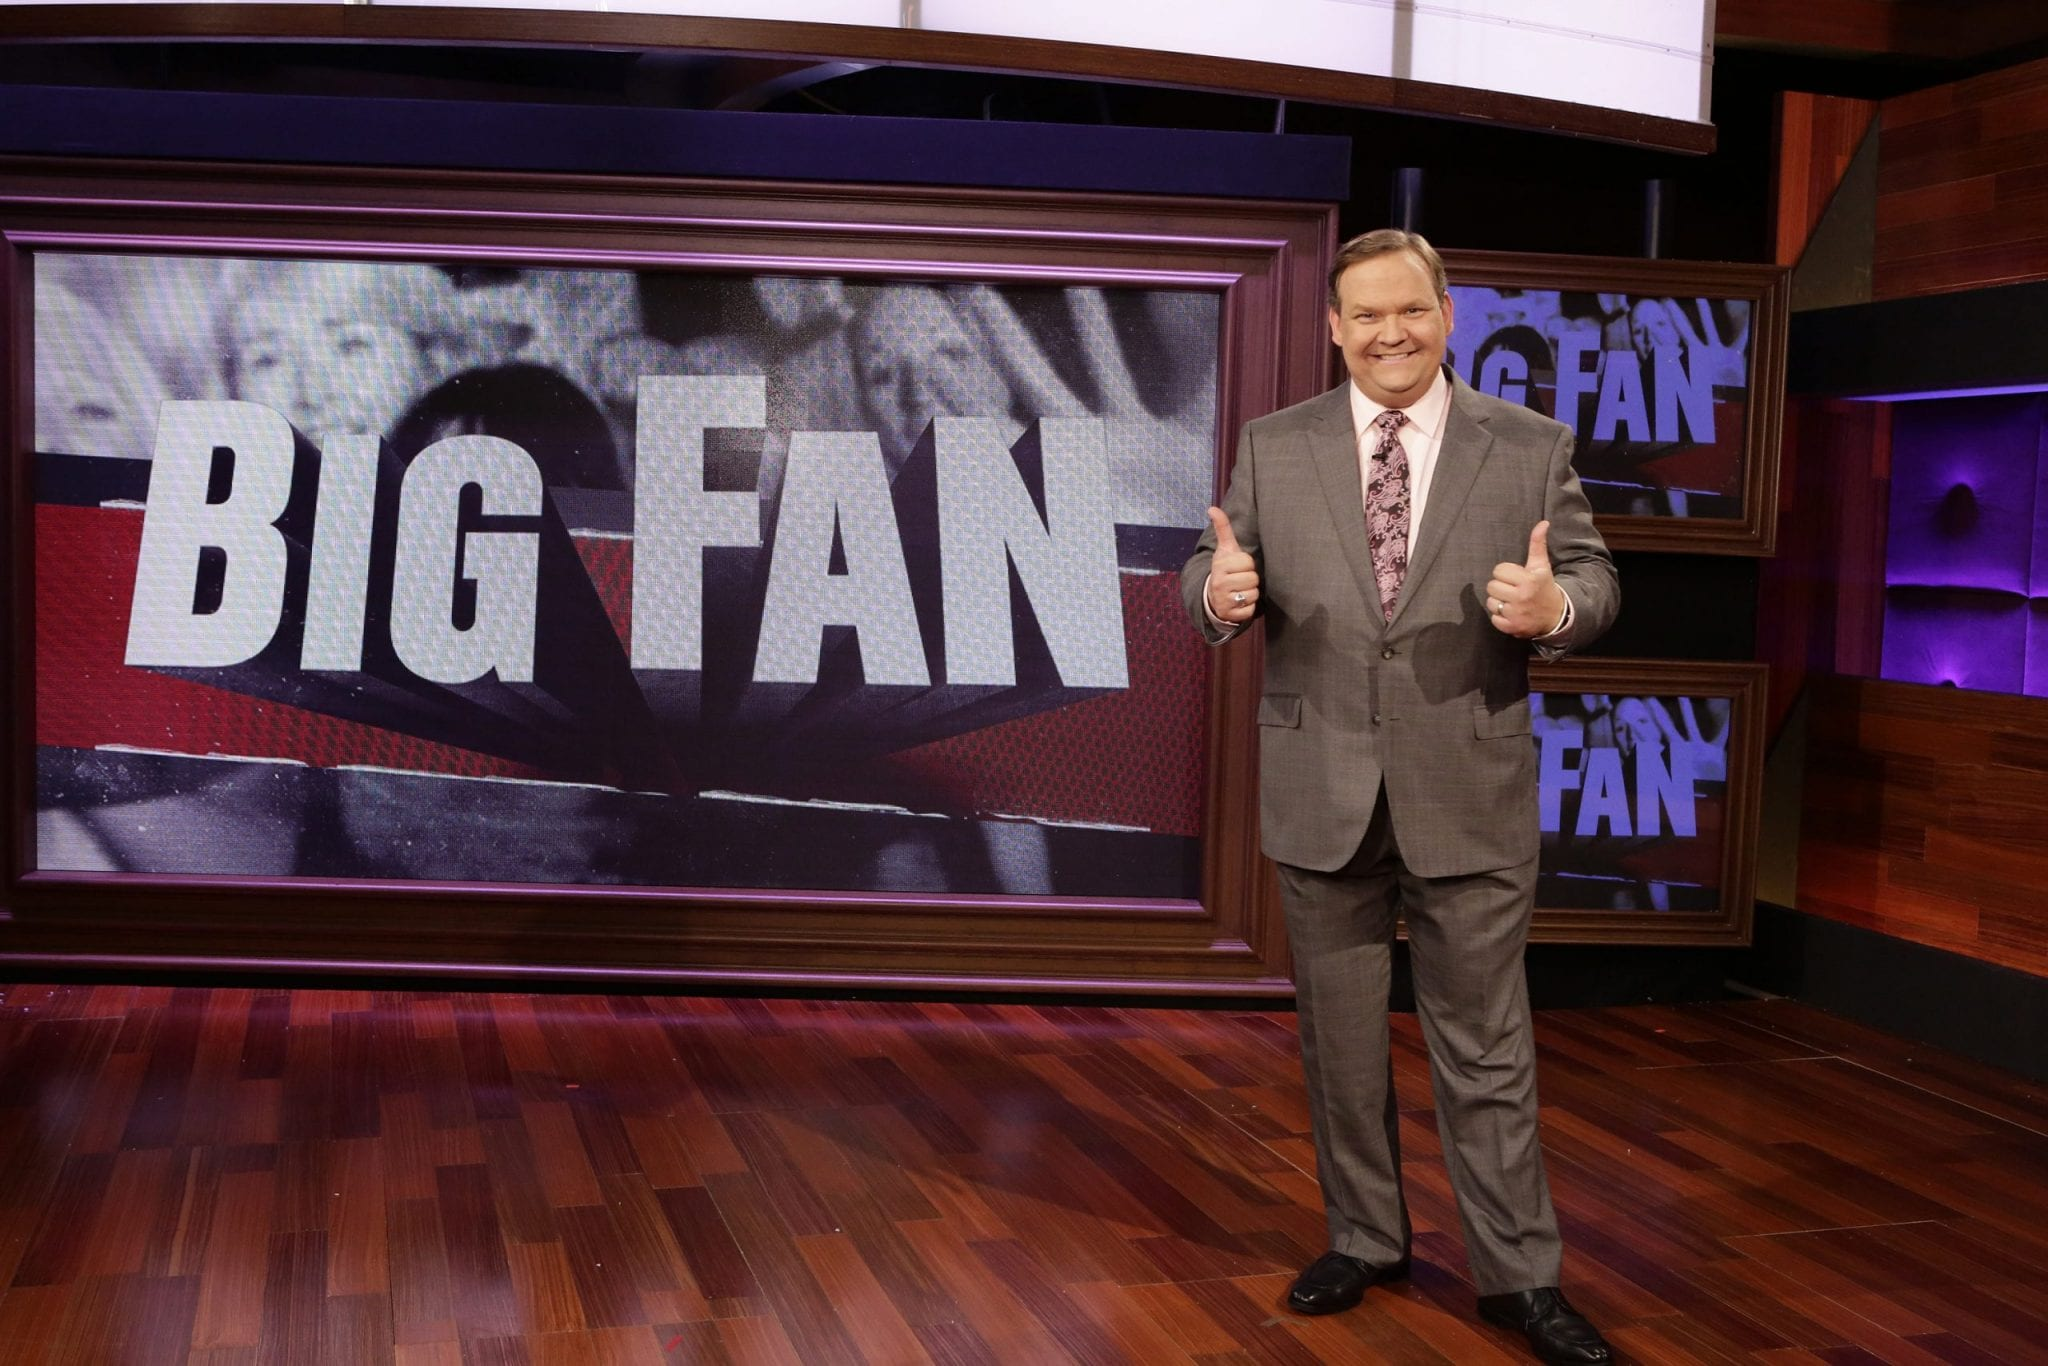 Big Fan. In una tv incapace di rinnovarsi, presentiamo una carrellata di format provenienti da tutto il mondo con Scova il format